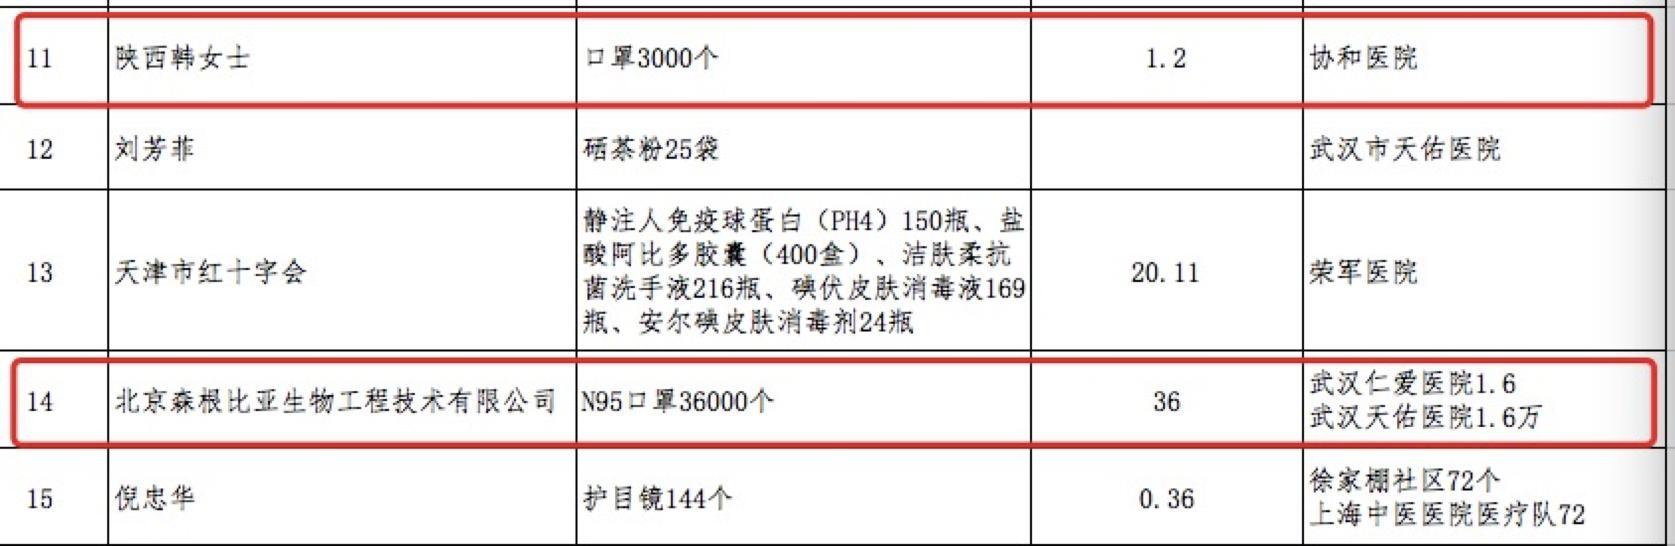 紅會公布捐贈情況 1.8萬個KN95口罩定向捐贈莆田系后續